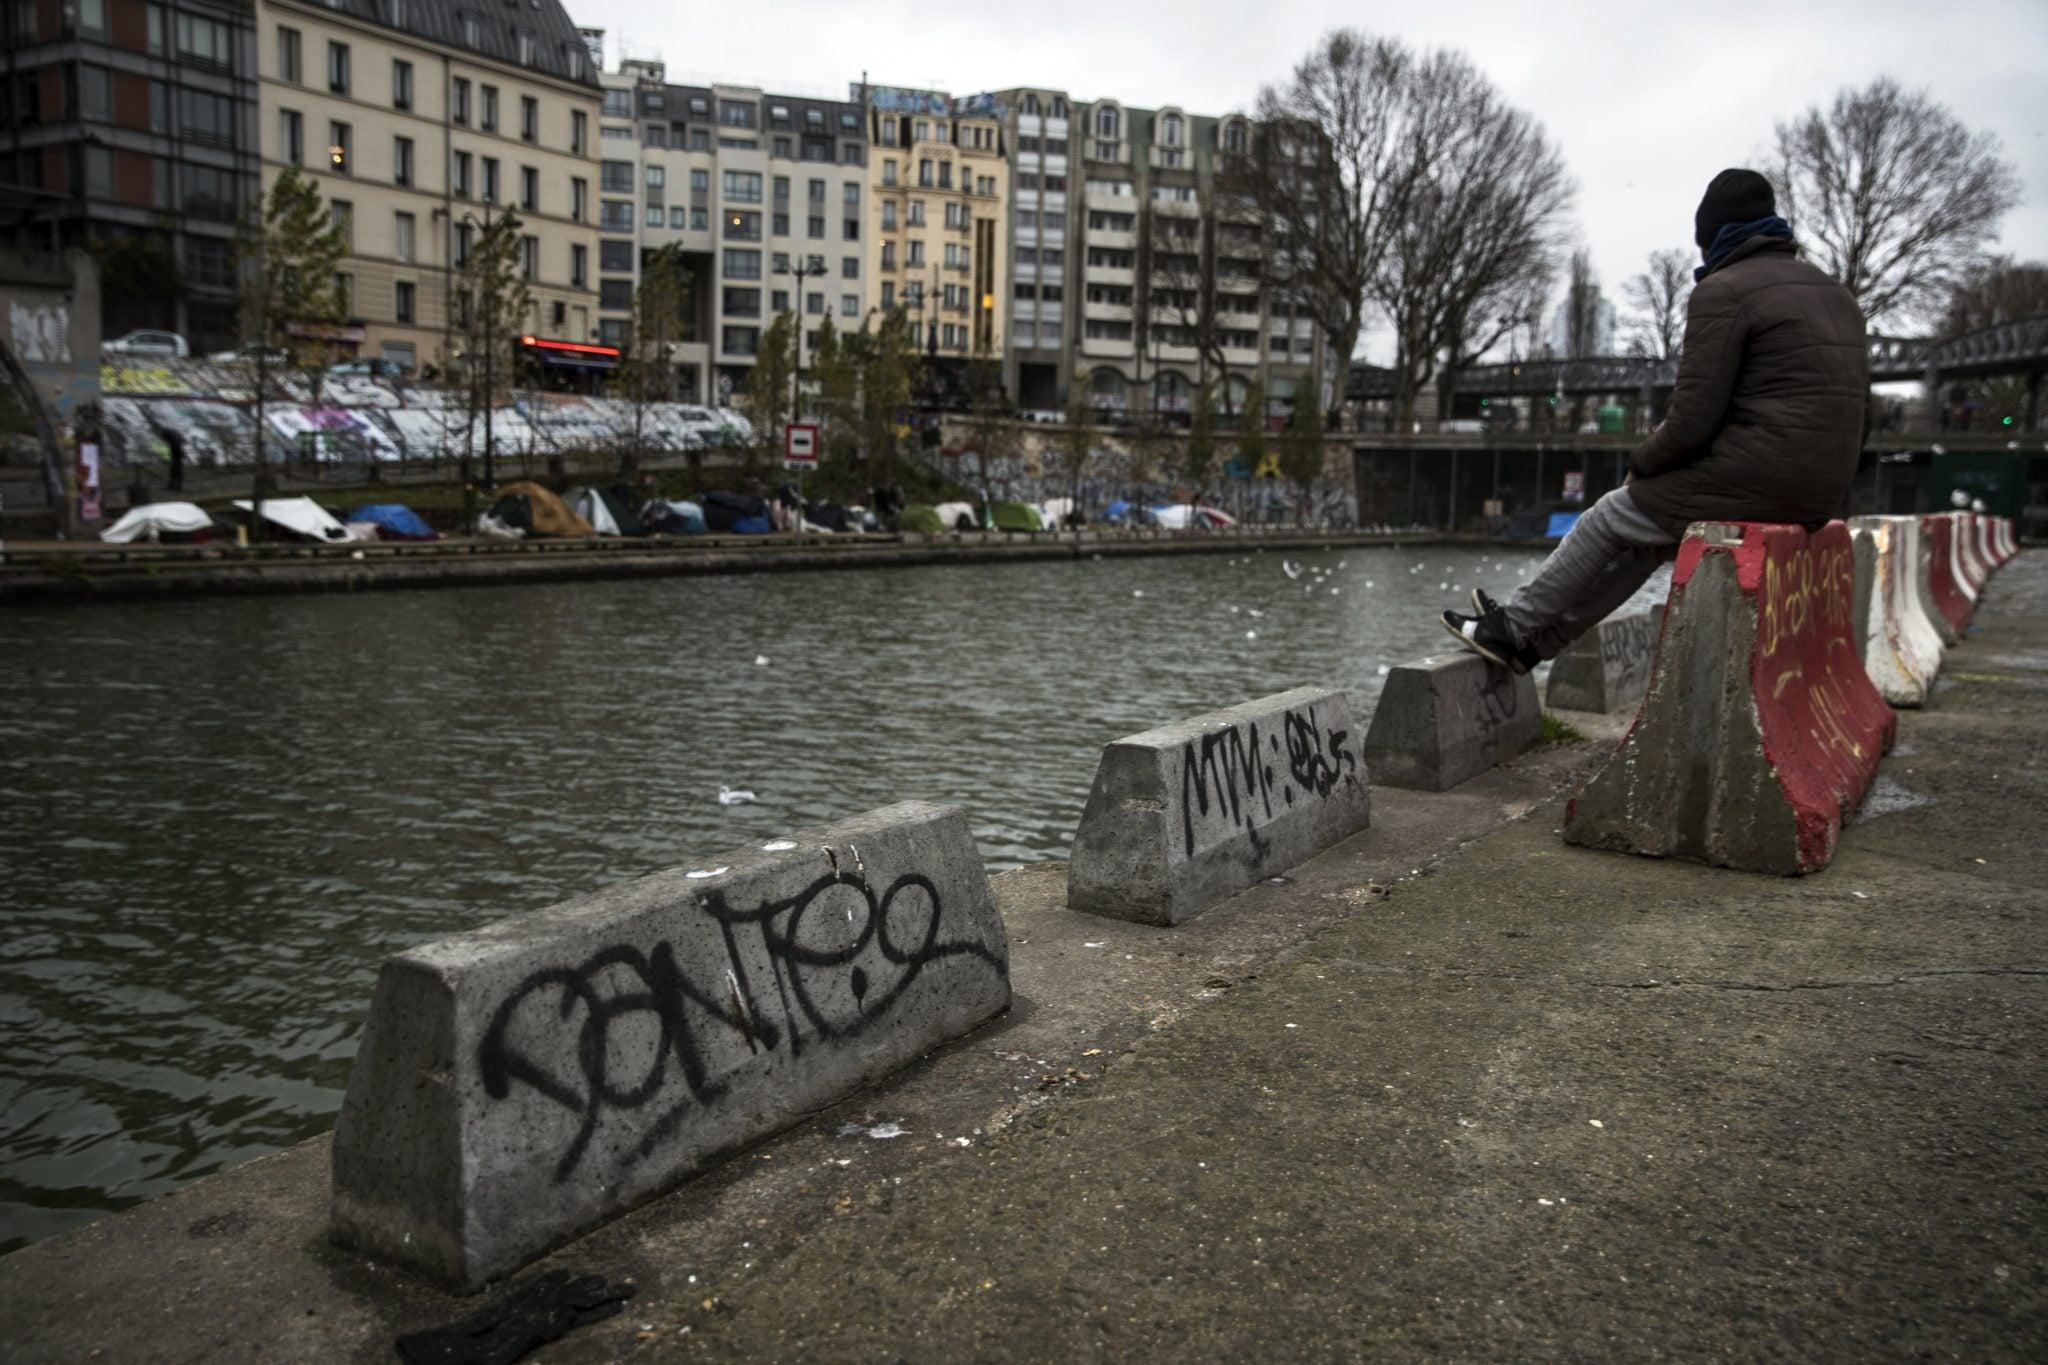 Francja: prowizoryzny obóz migrantów powstał na brzegu Sekwany, w całym Paryżu tak mieszka ponad dwa tysiące uchodzców. Fot: Etienne Laurent, PAP/EPA